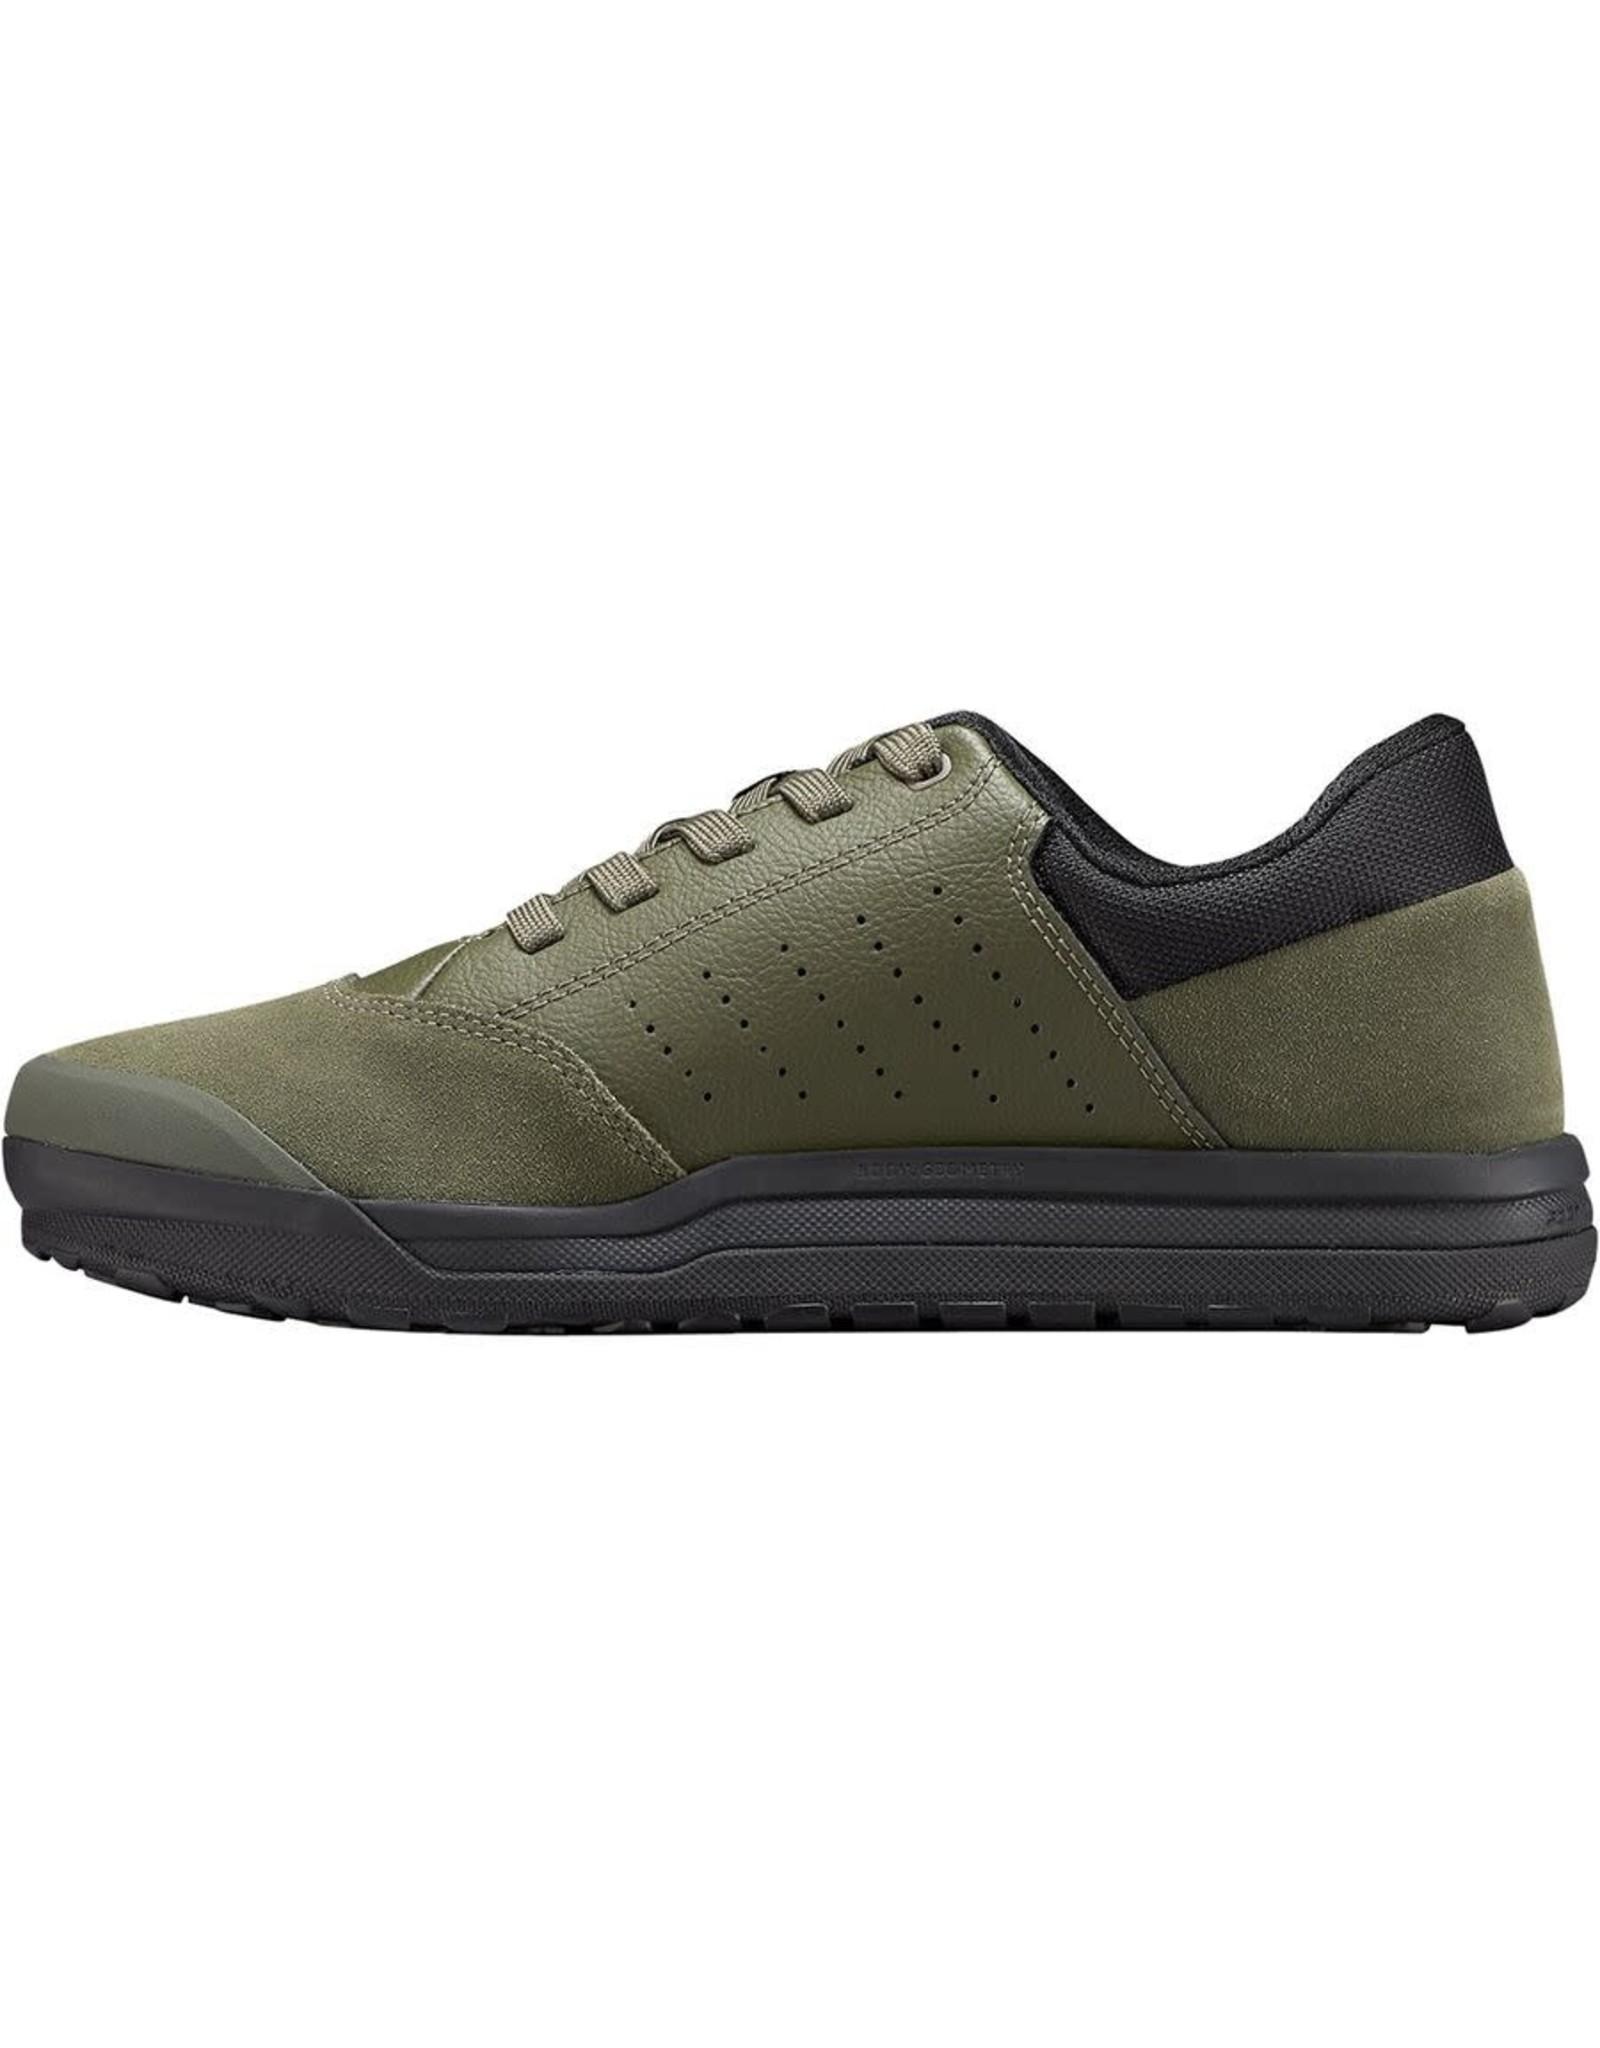 Specialized Shoe Spec 2FO Roost Flat OakGrn 43